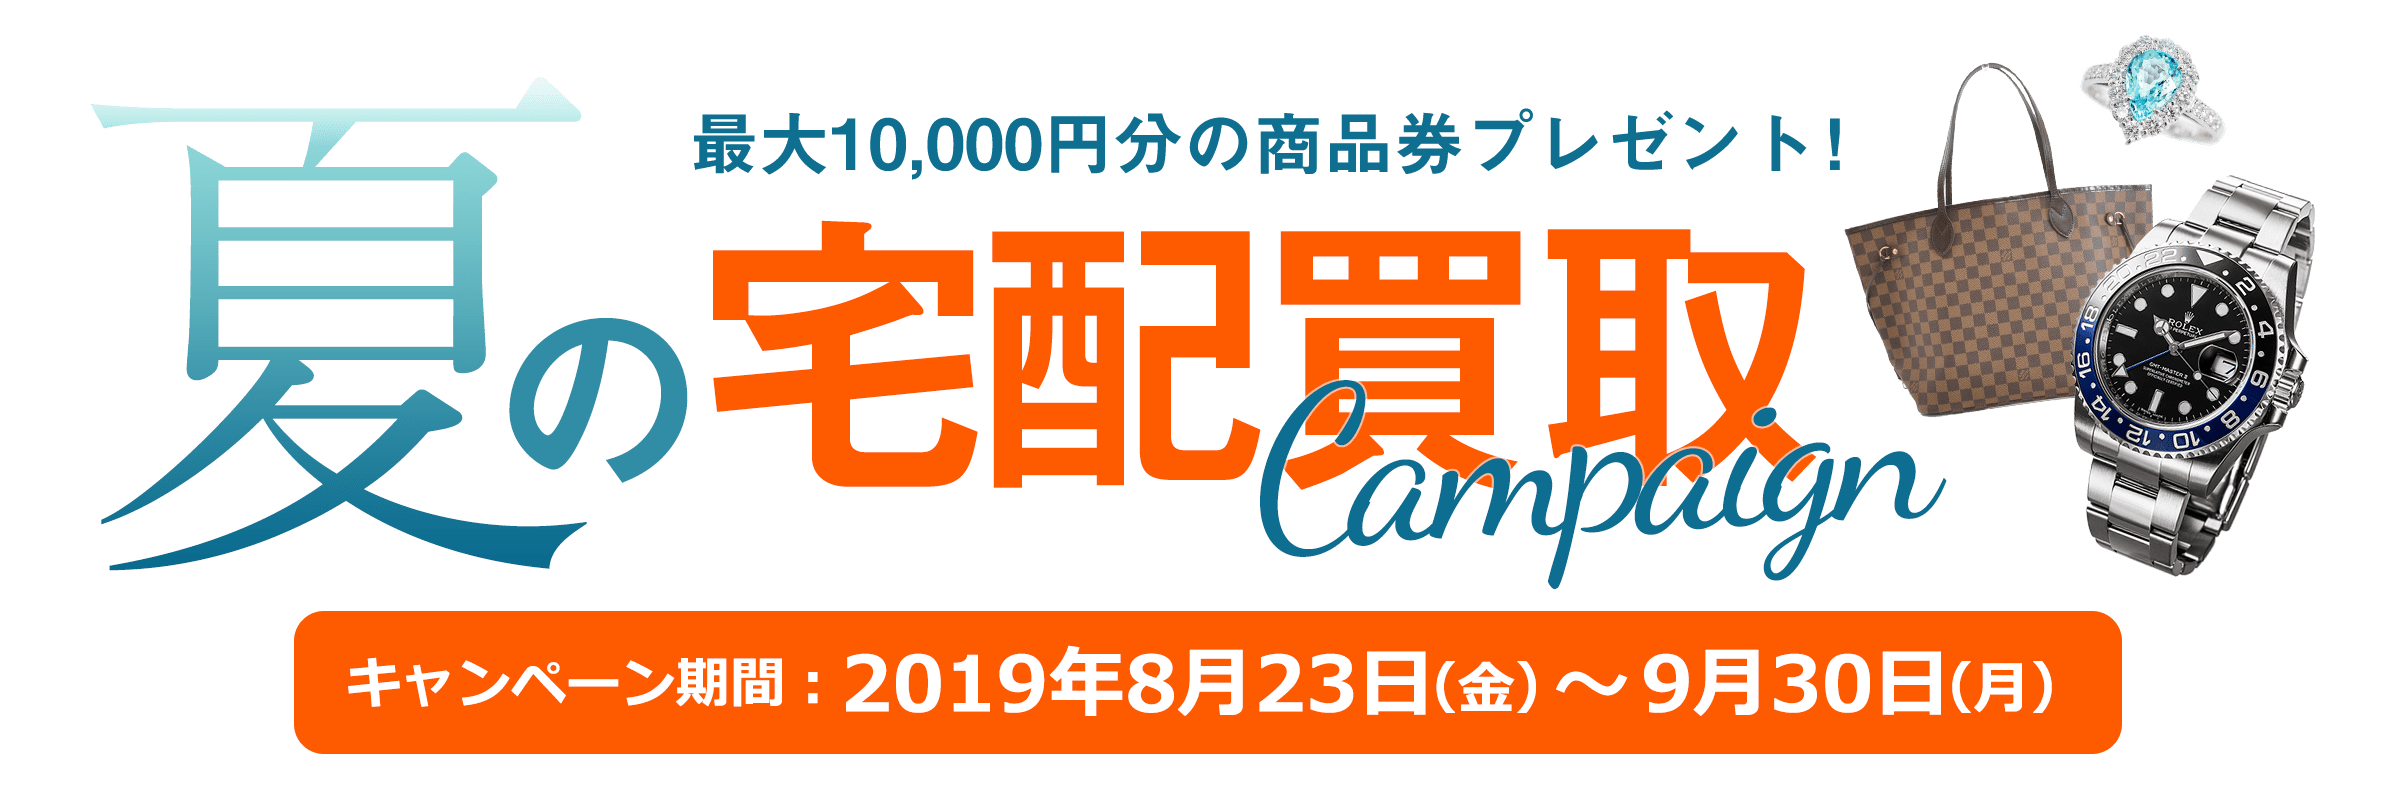 201908_夏の宅配買取キャンペーン